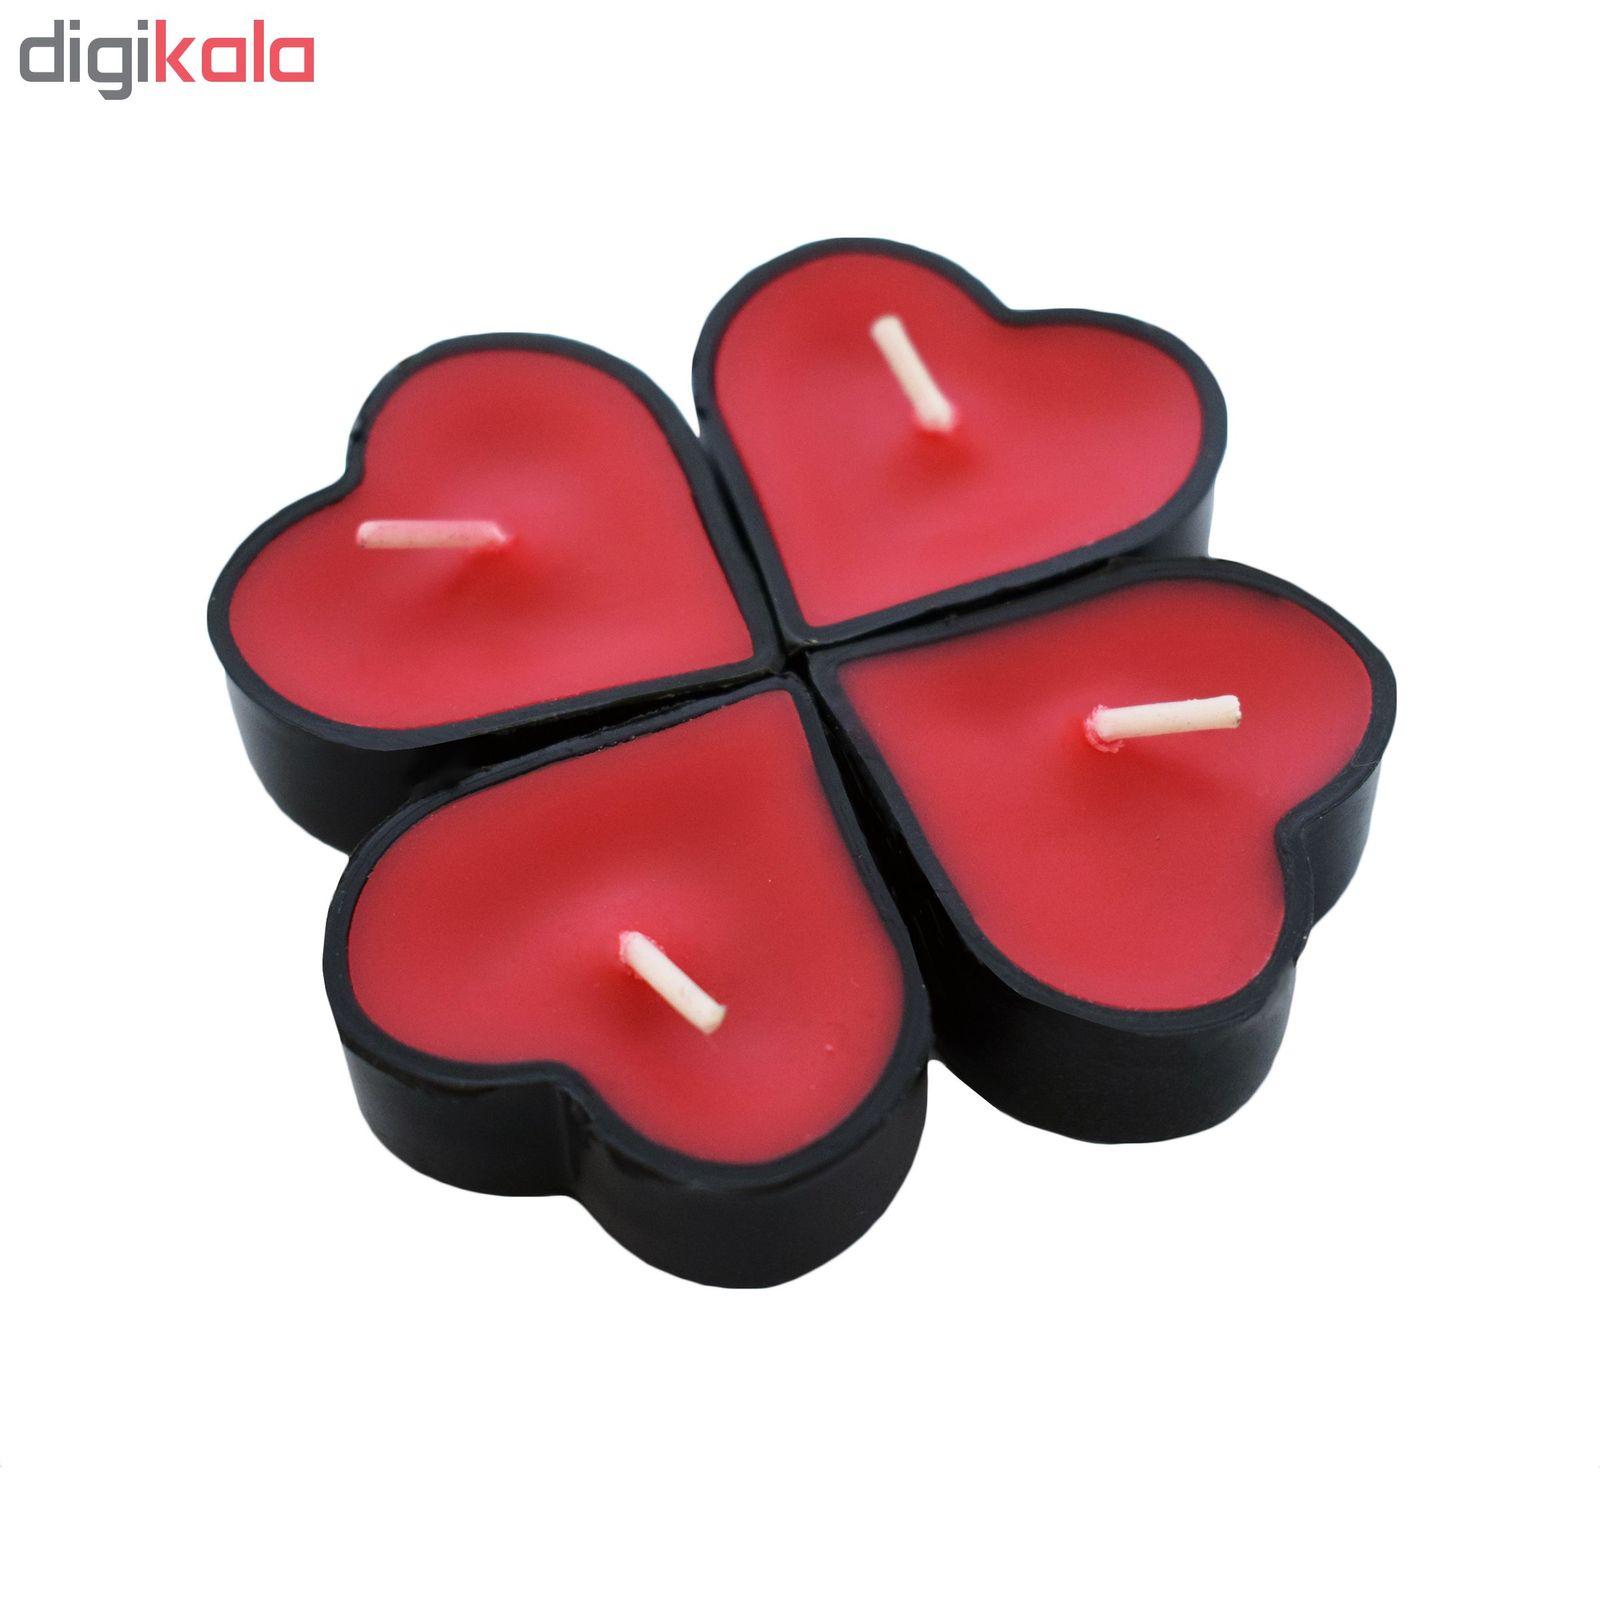 شمع وارمر مدل قلب 001 بسته 6 عددی main 1 1